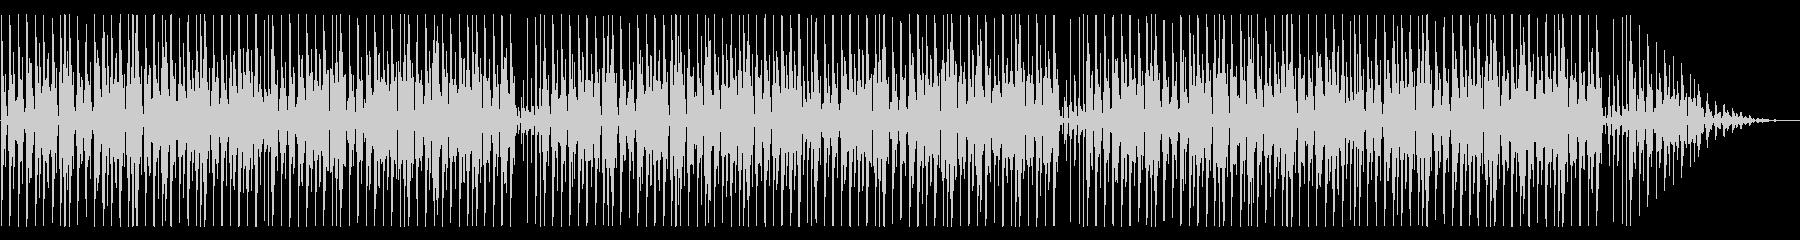 ウクレレと鉄琴がかわいい ほのぼのBGMの未再生の波形